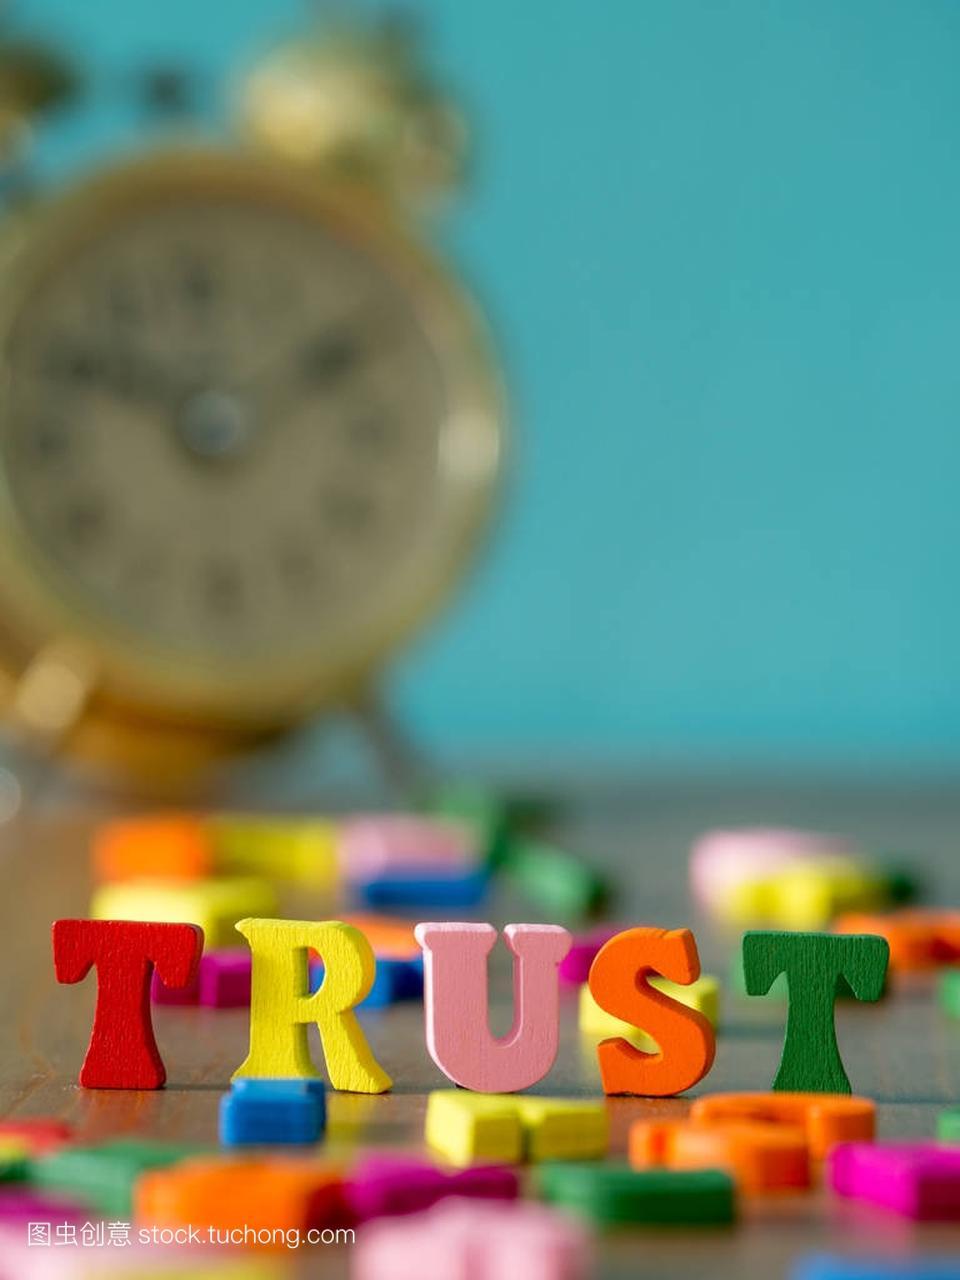 信任.英文字母表由木质字母颜色制成。在木制